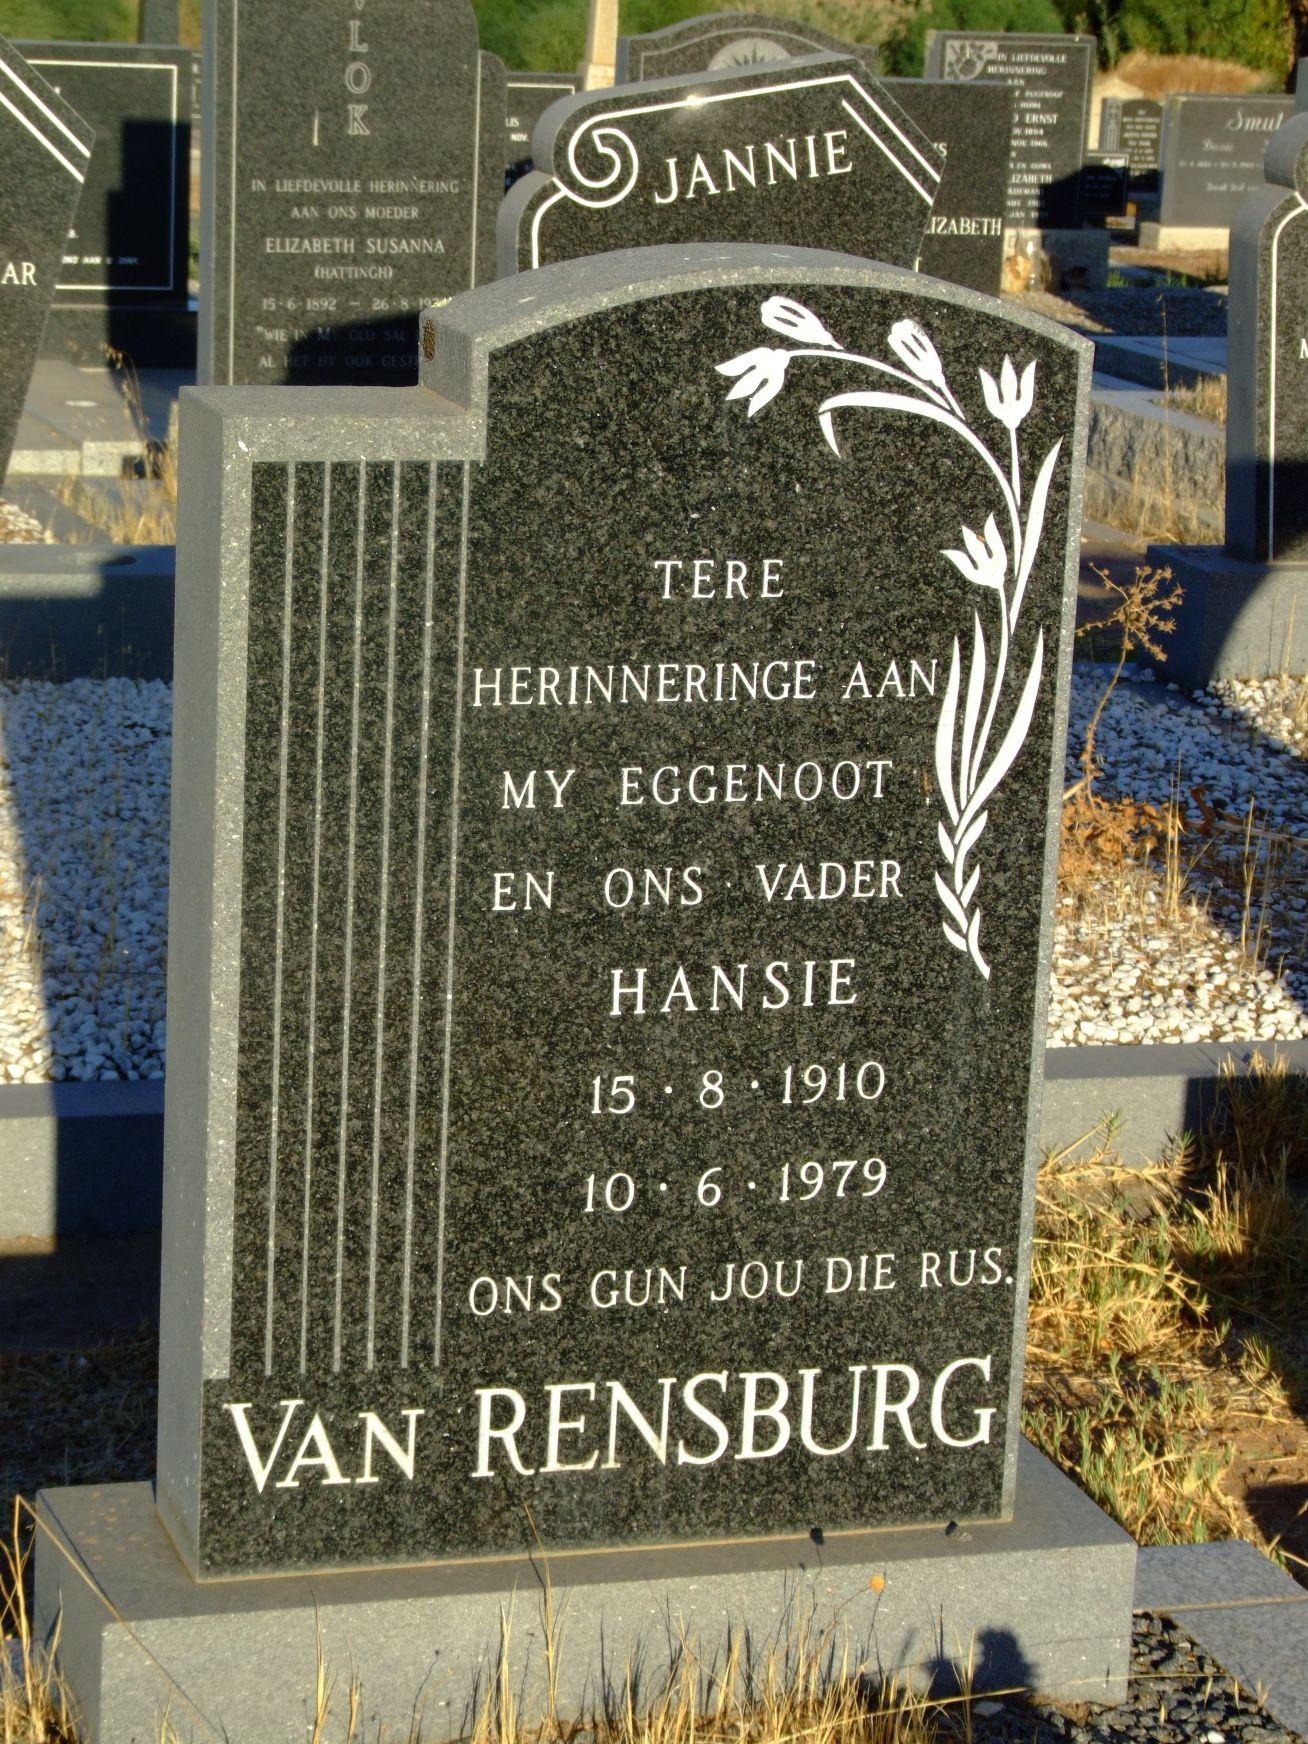 Van Rensburg, Hansie